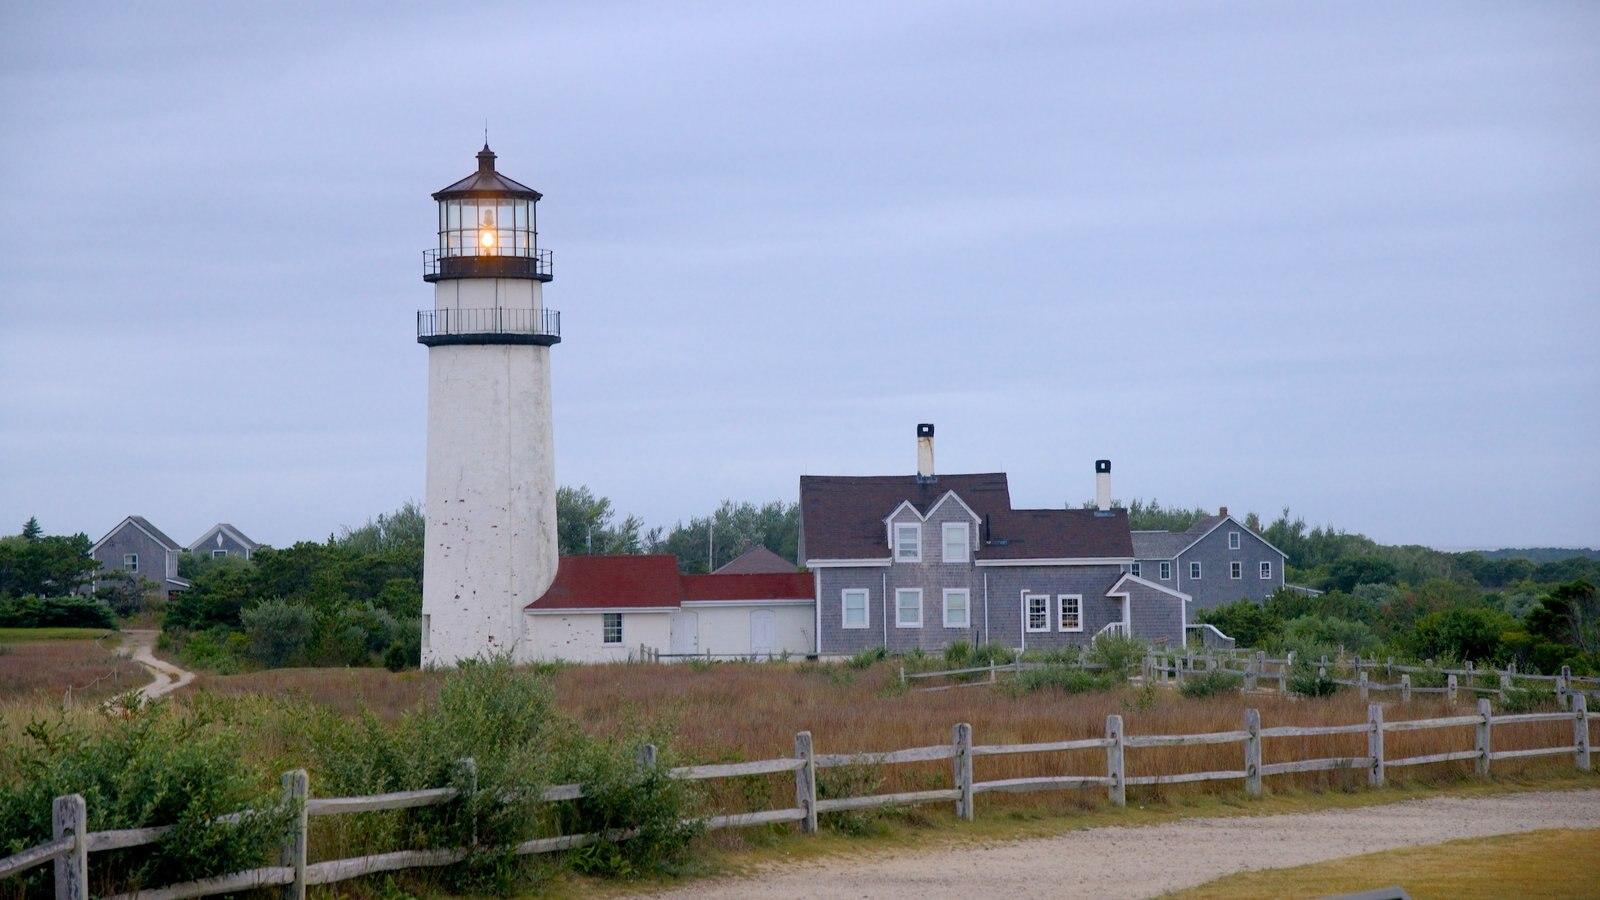 Highland Lighthouse que inclui um farol, paisagens litorâneas e uma casa